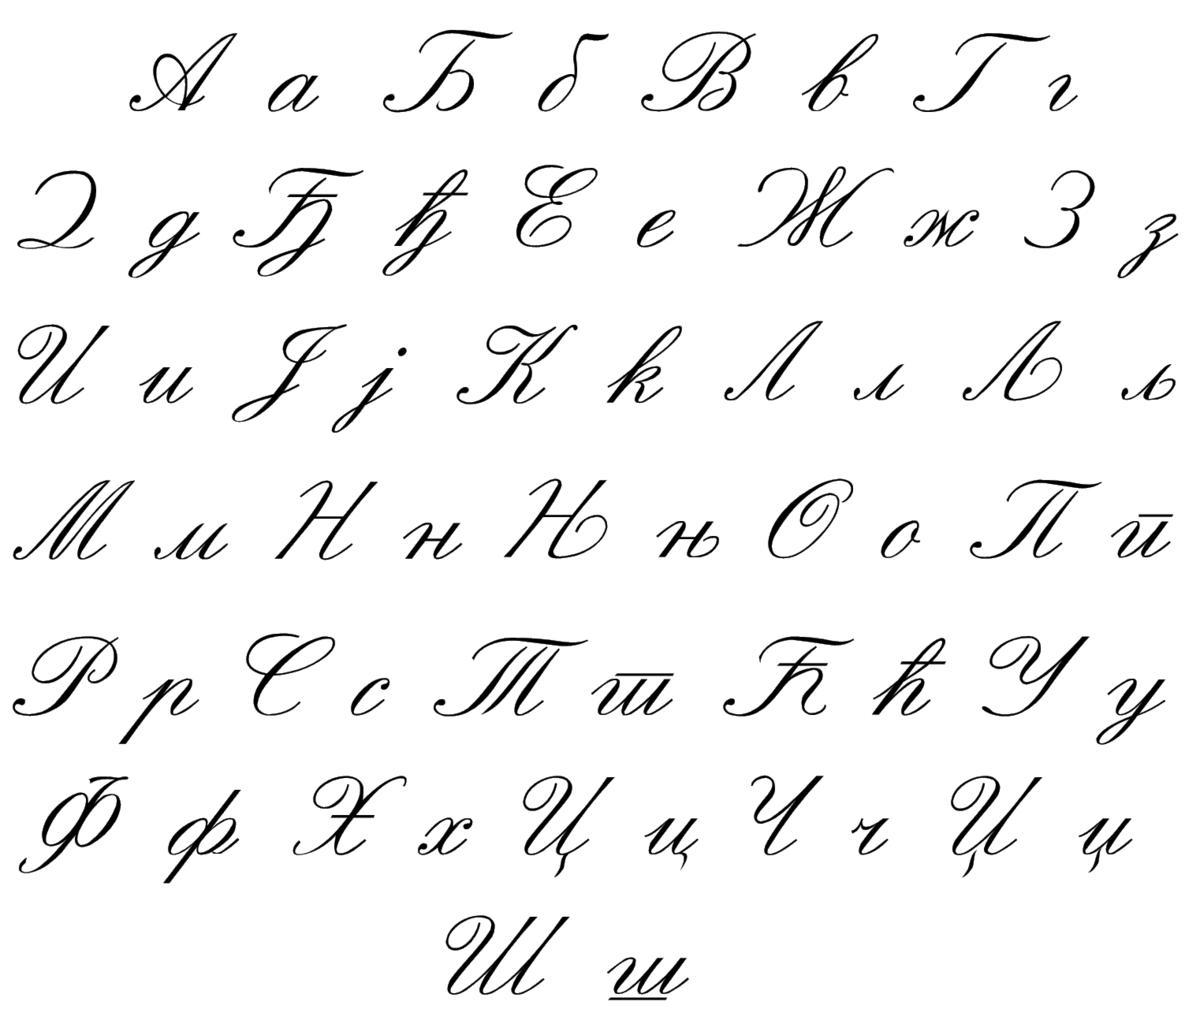 Красивый шрифт алфавит русских букв для открытки, чмоки открытка стихи